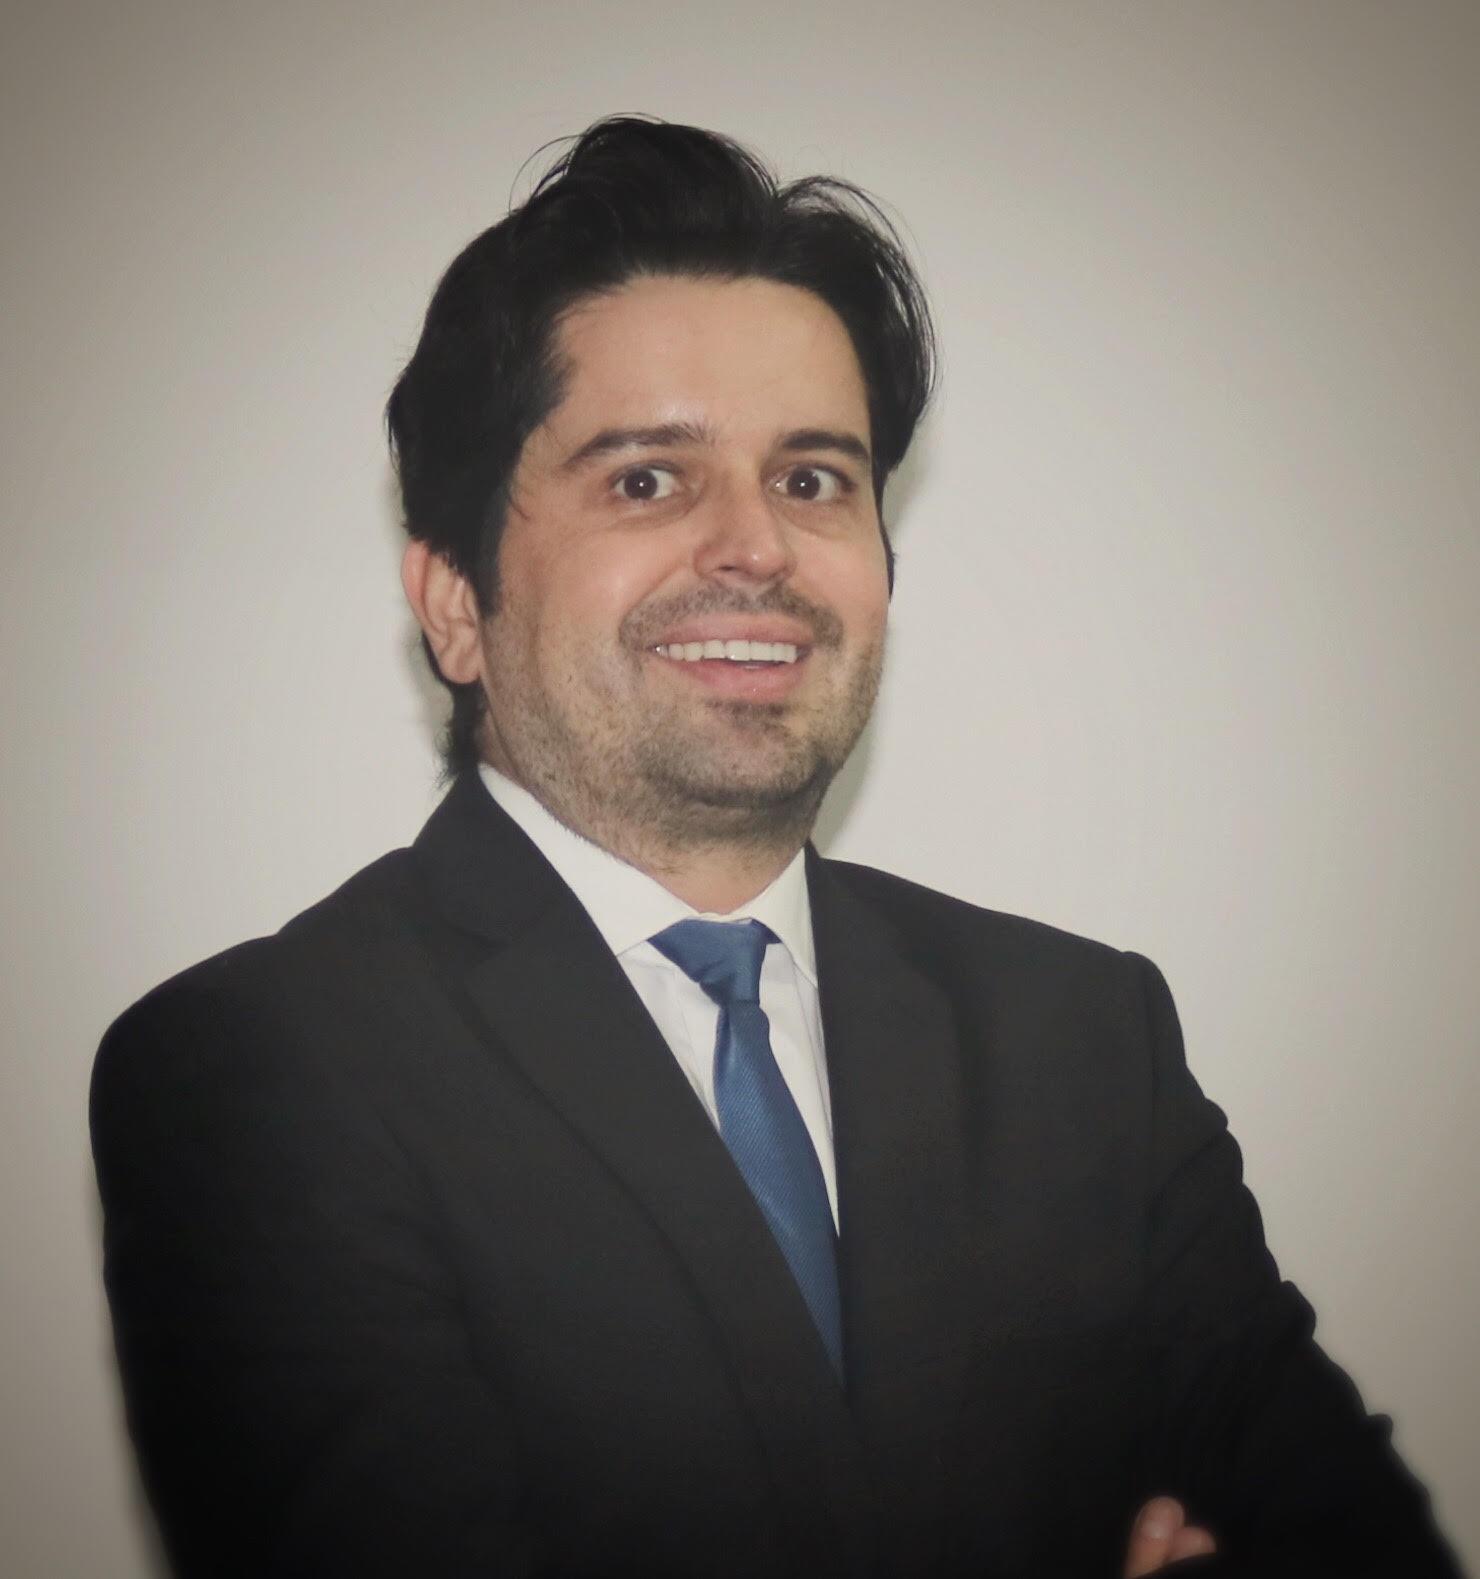 Felipe Viana de Paula